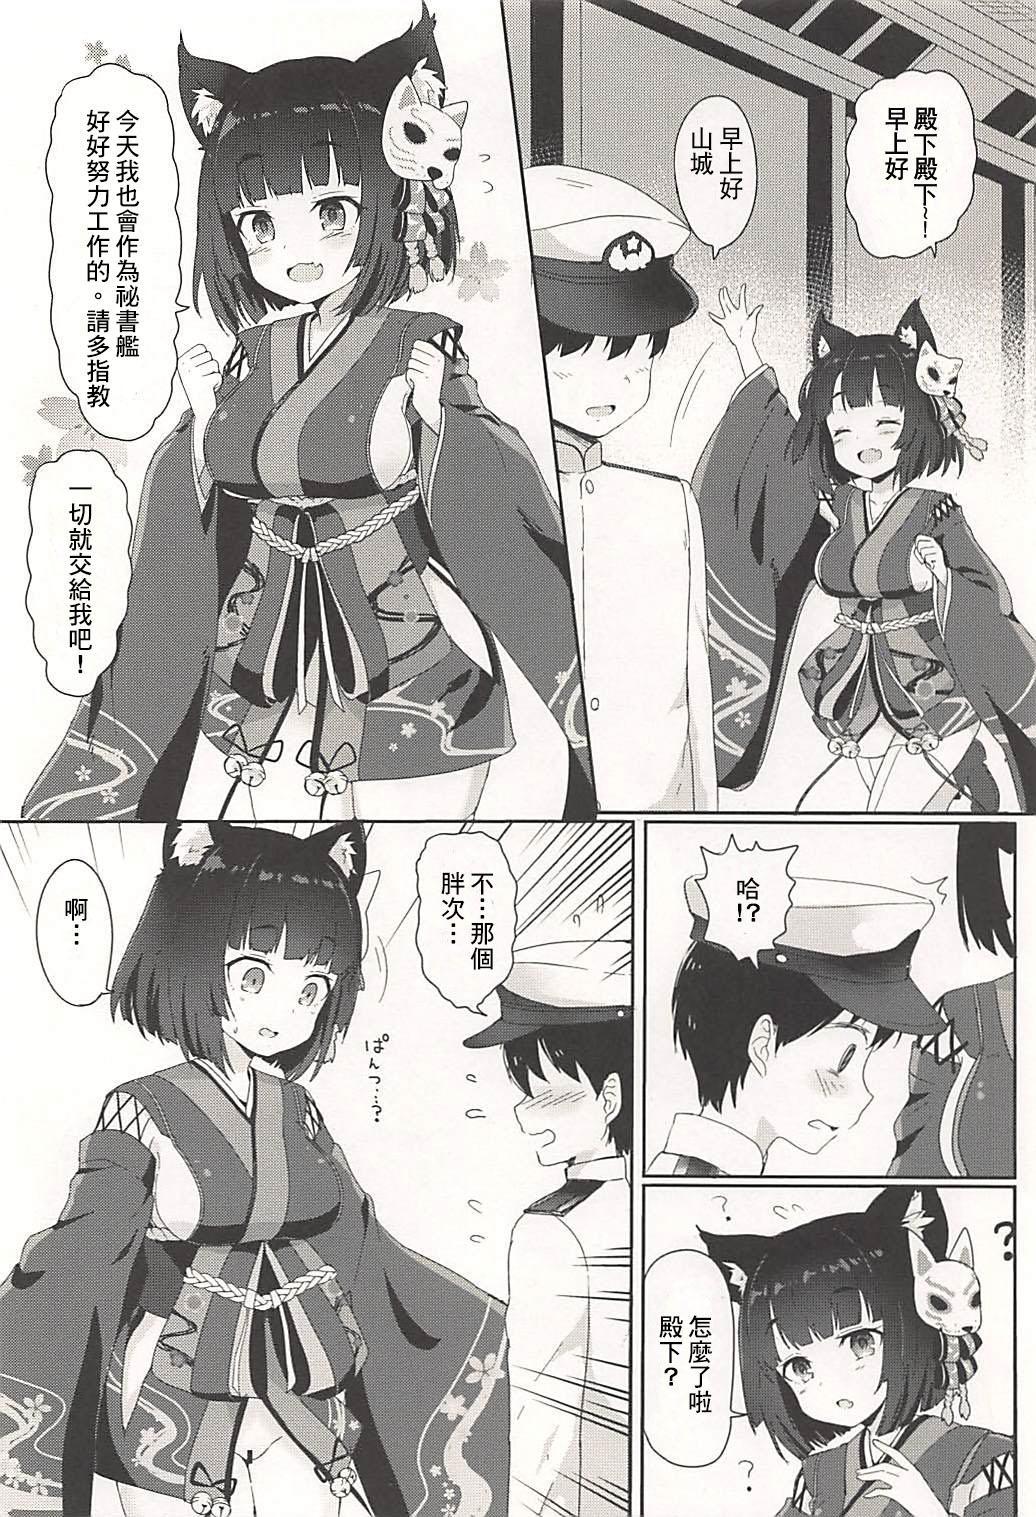 Yamashiro-chan to Nyannyan Suru Hon 2